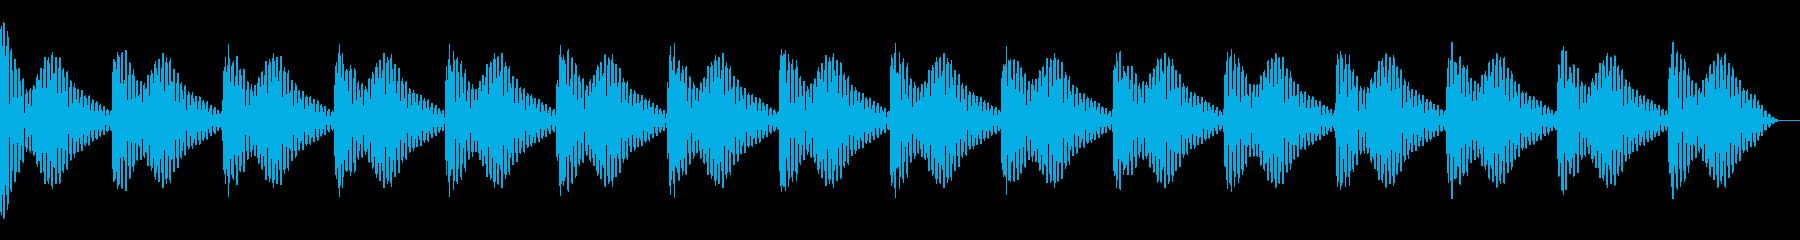 ドゥーン クラブ系サウンド向け キック の再生済みの波形